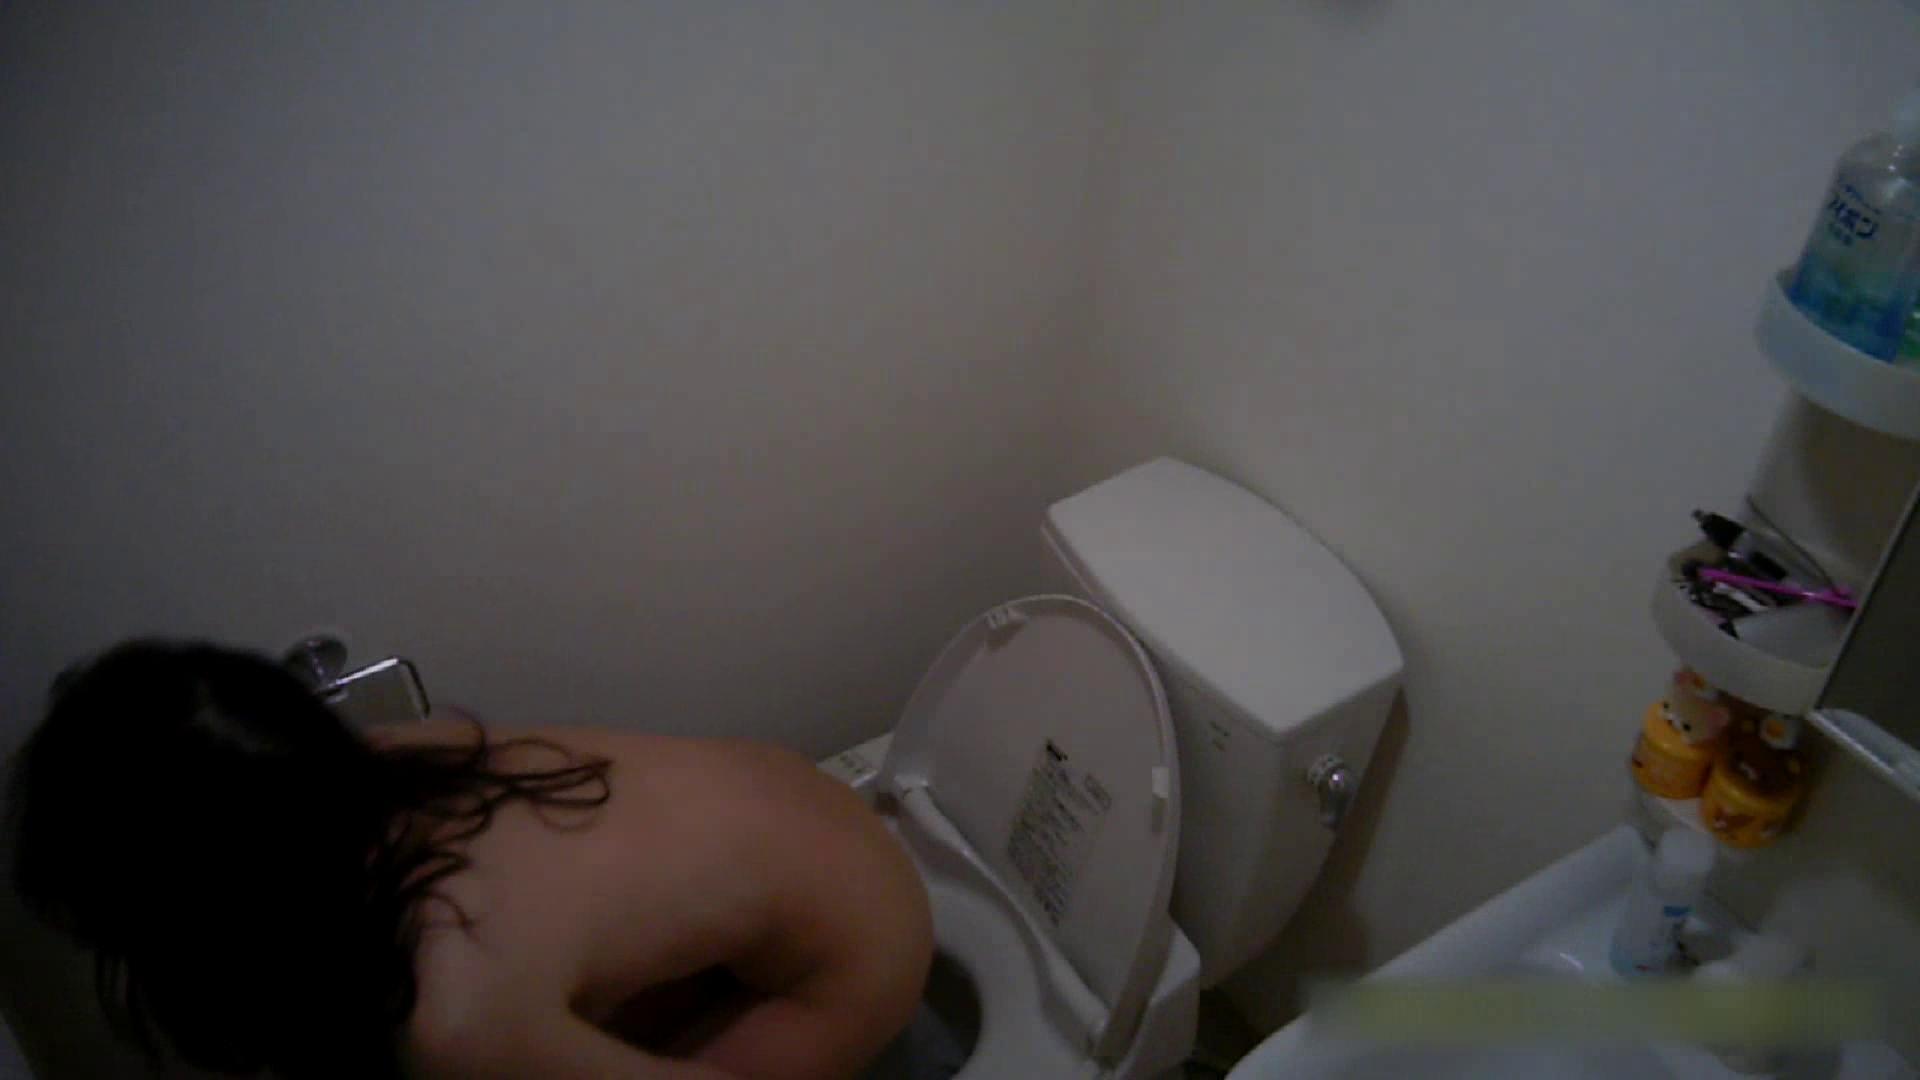 清楚な顔してかなり敏感なE子25歳(仮名)Vol.05 裸でトイレ編 トイレ中 | OL  68連発